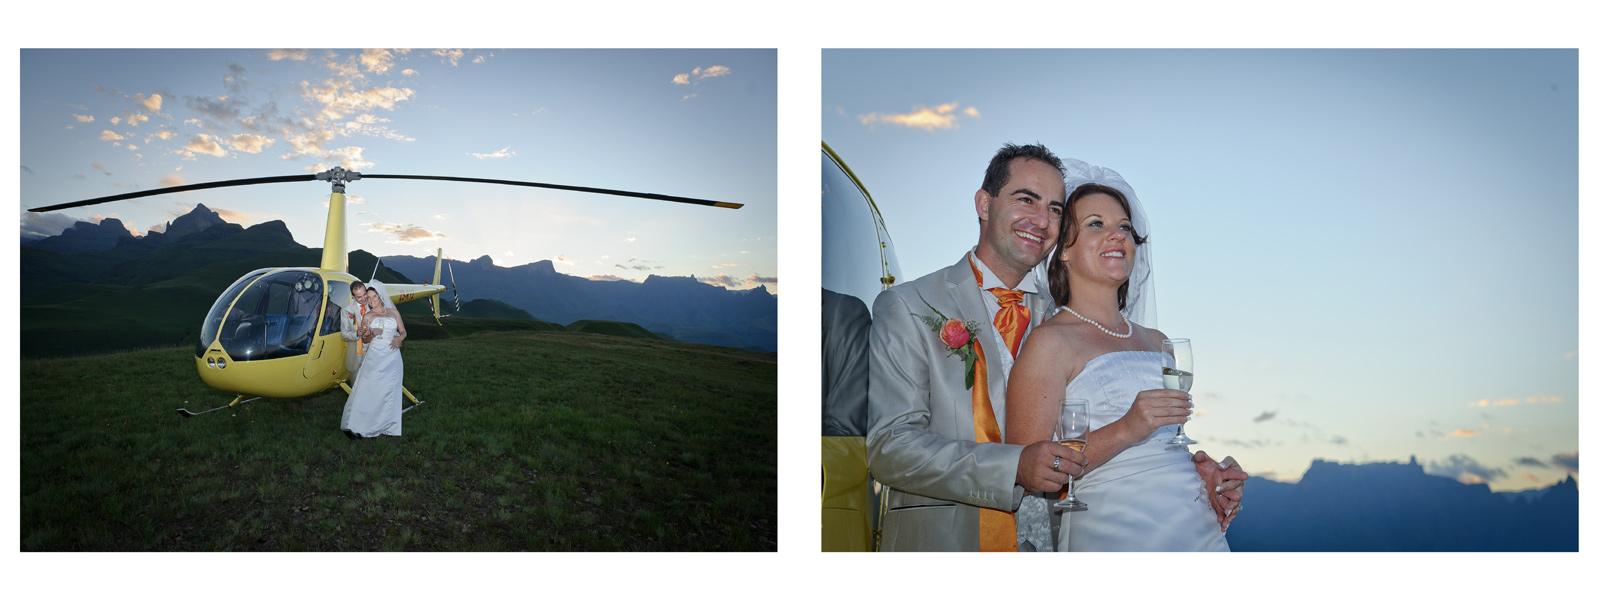 Nathalie Boucry Photography | Charlene and Craig Wedding Album 034